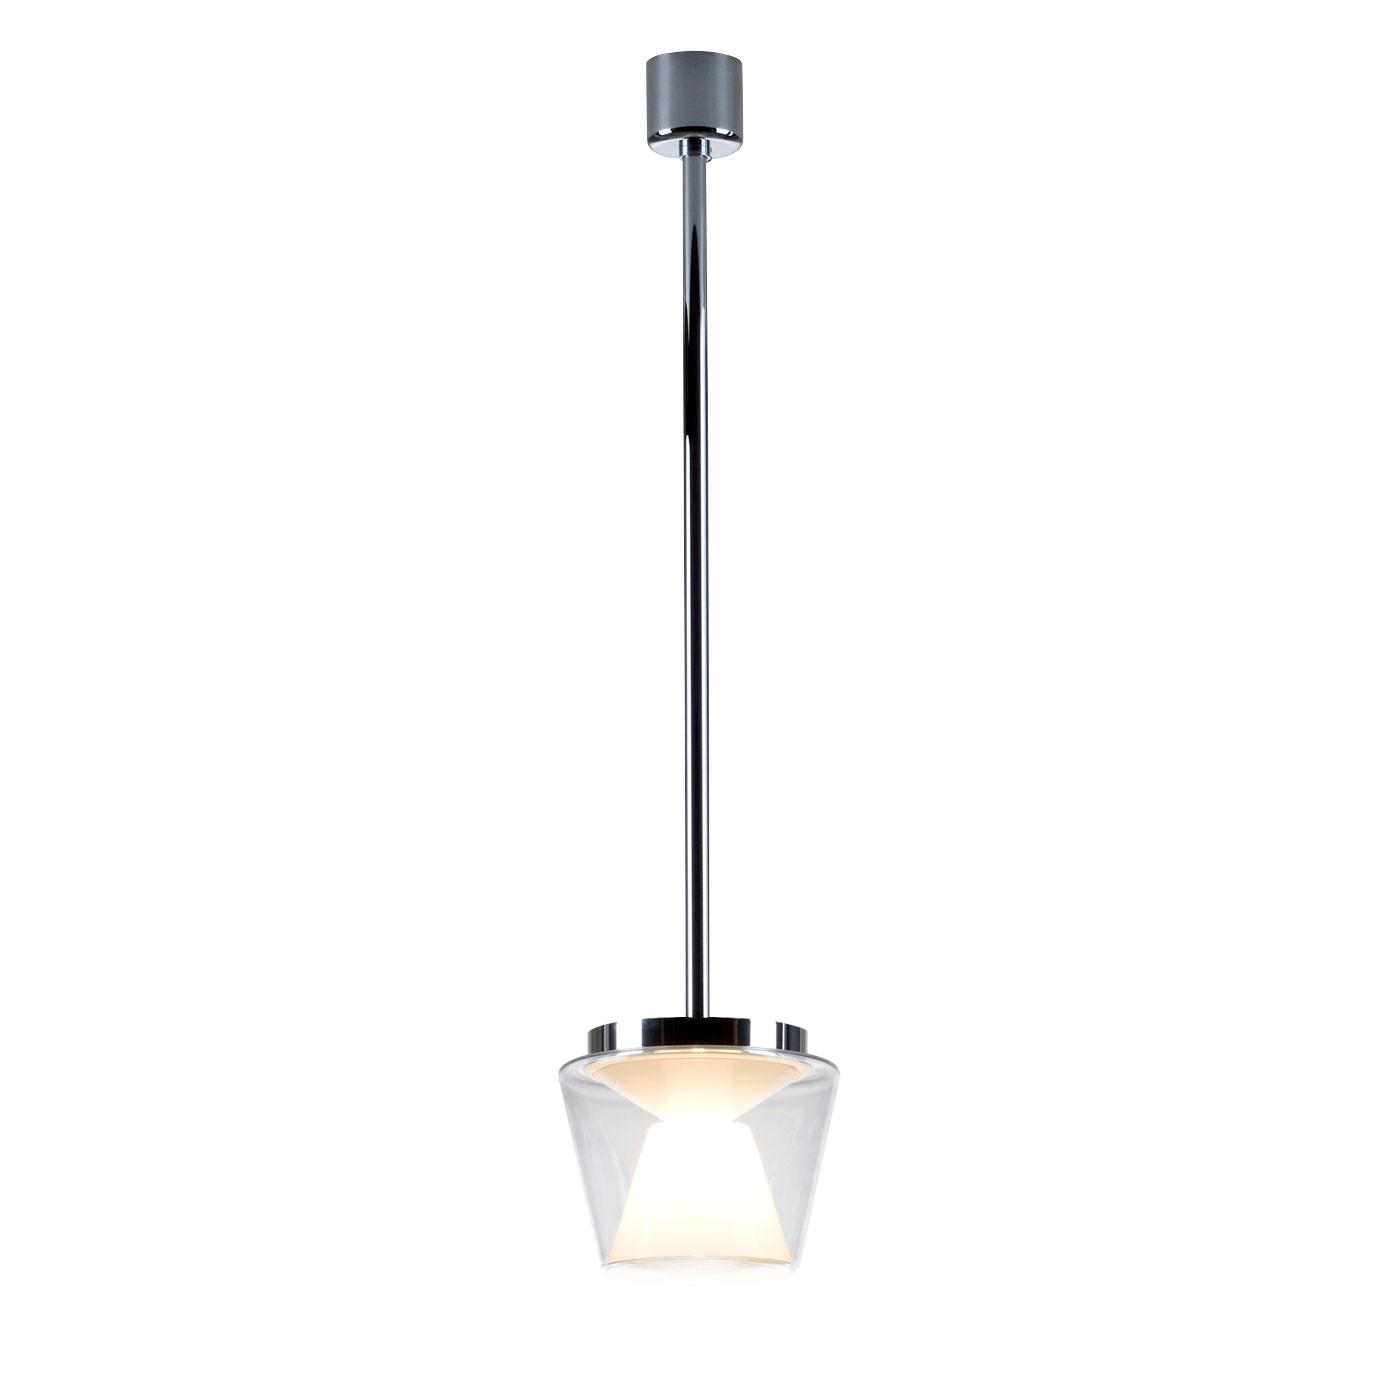 Serien Lighting Annex Suspension M LED, 13W